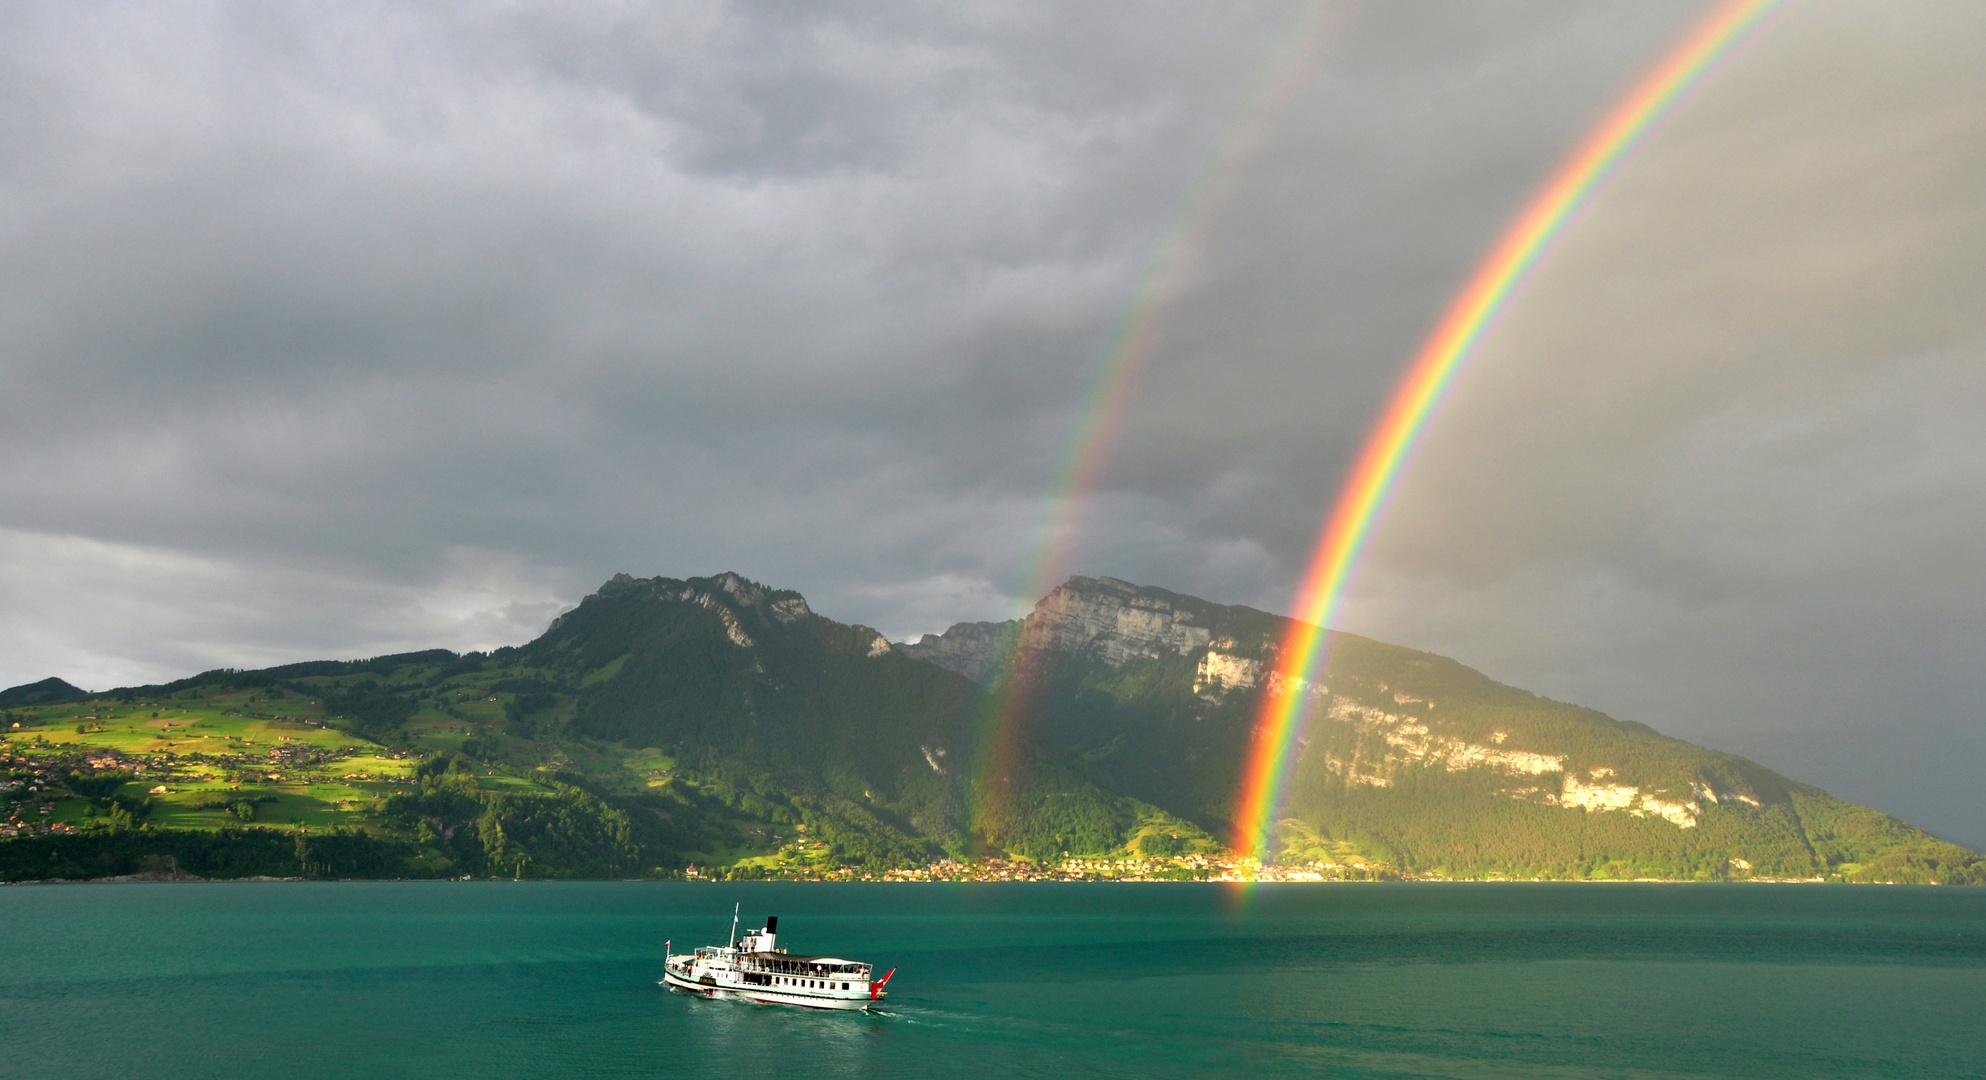 Regenbogen und Dampfschiff